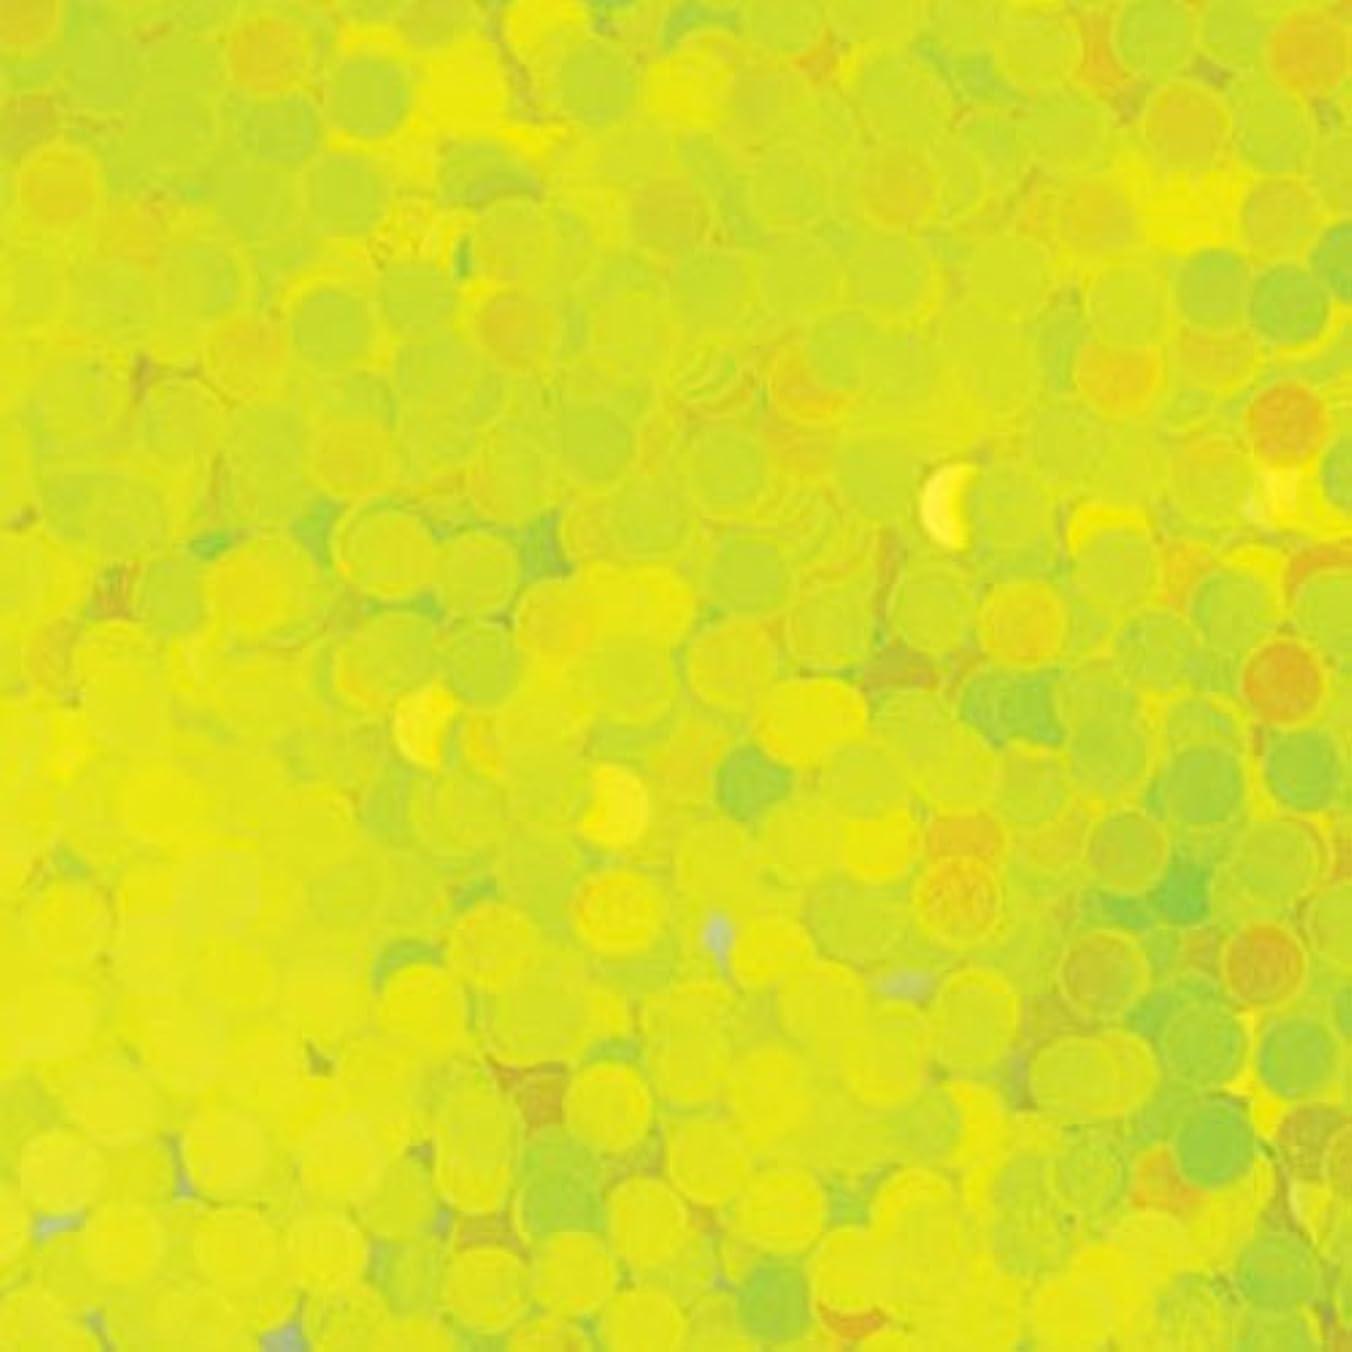 偏心強いますインターネットピカエース ネイル用パウダー 丸蛍光 2mm #446 レモン 0.5g